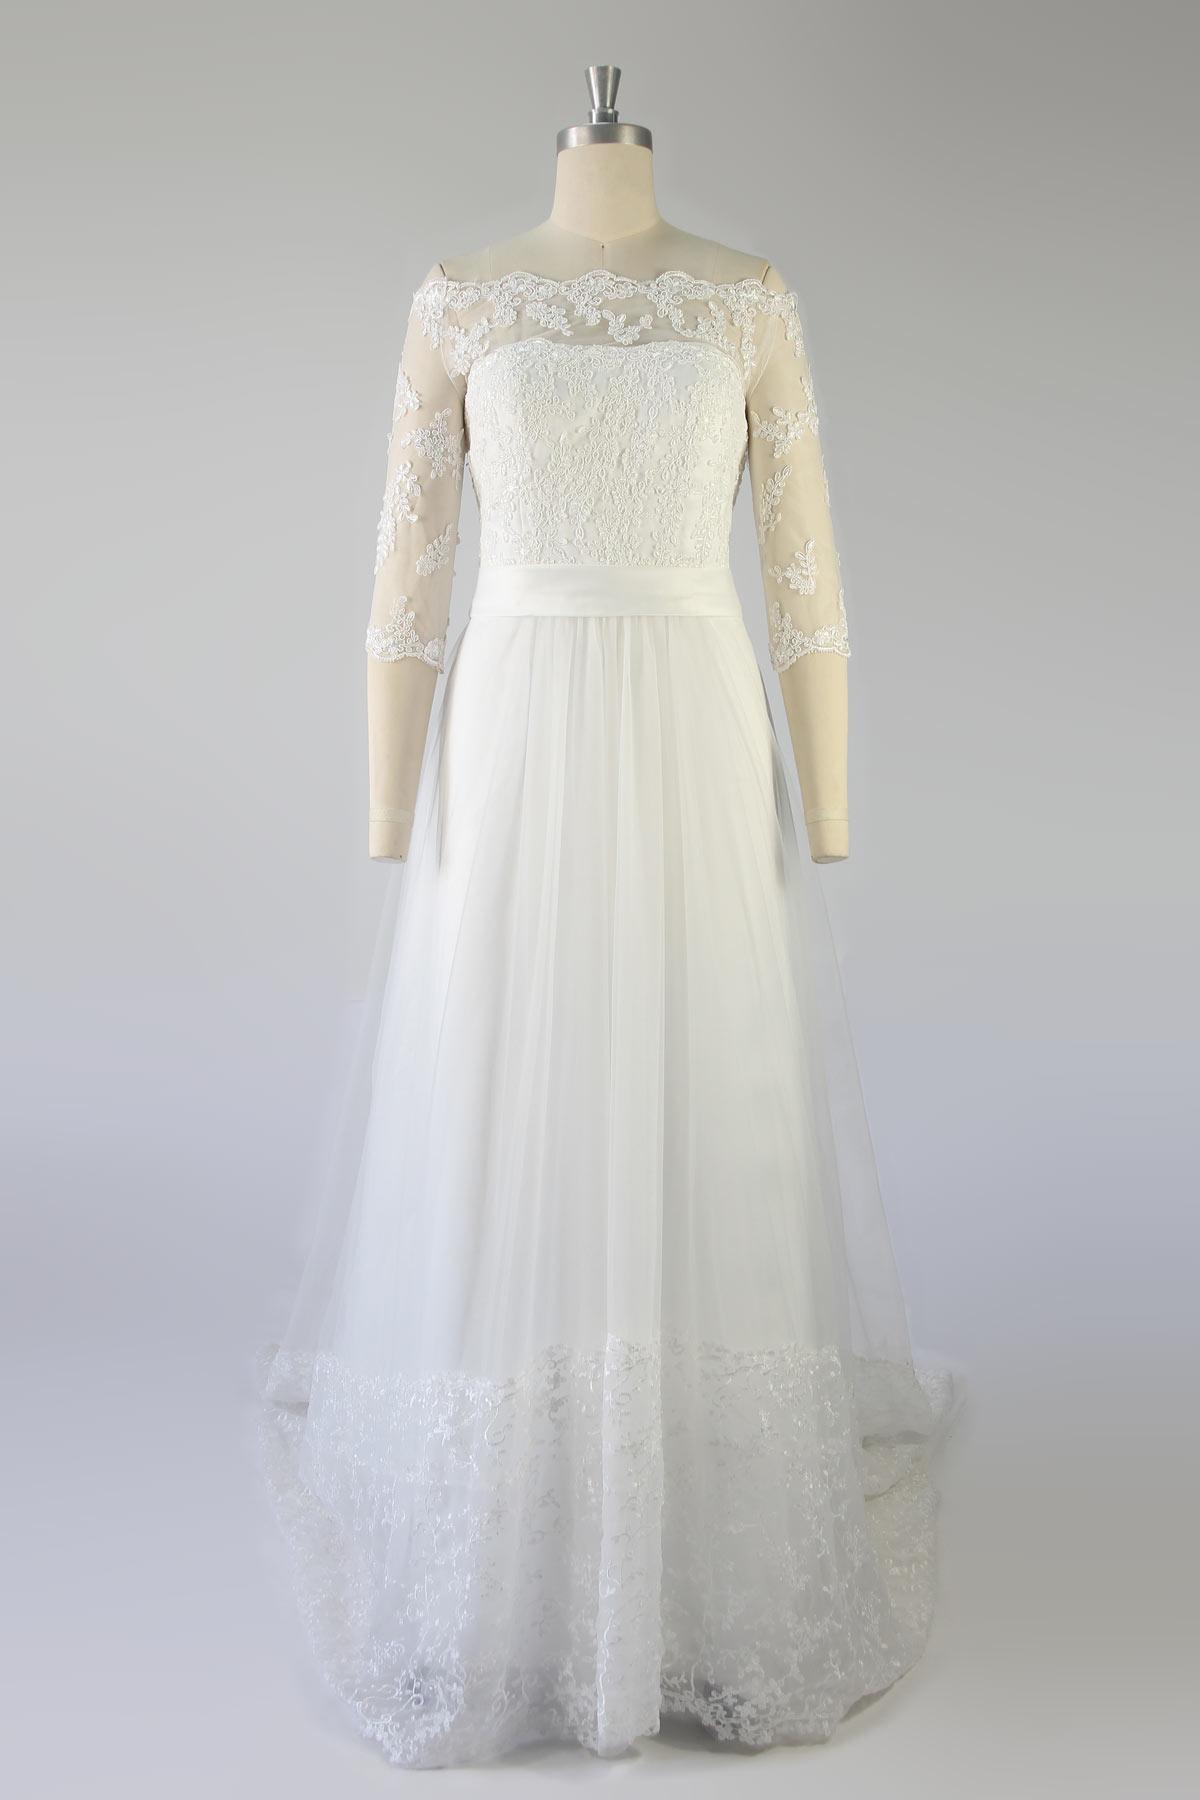 robe de mariée haut en dentelle appliquée épaule dénudée avec manche mi-longue